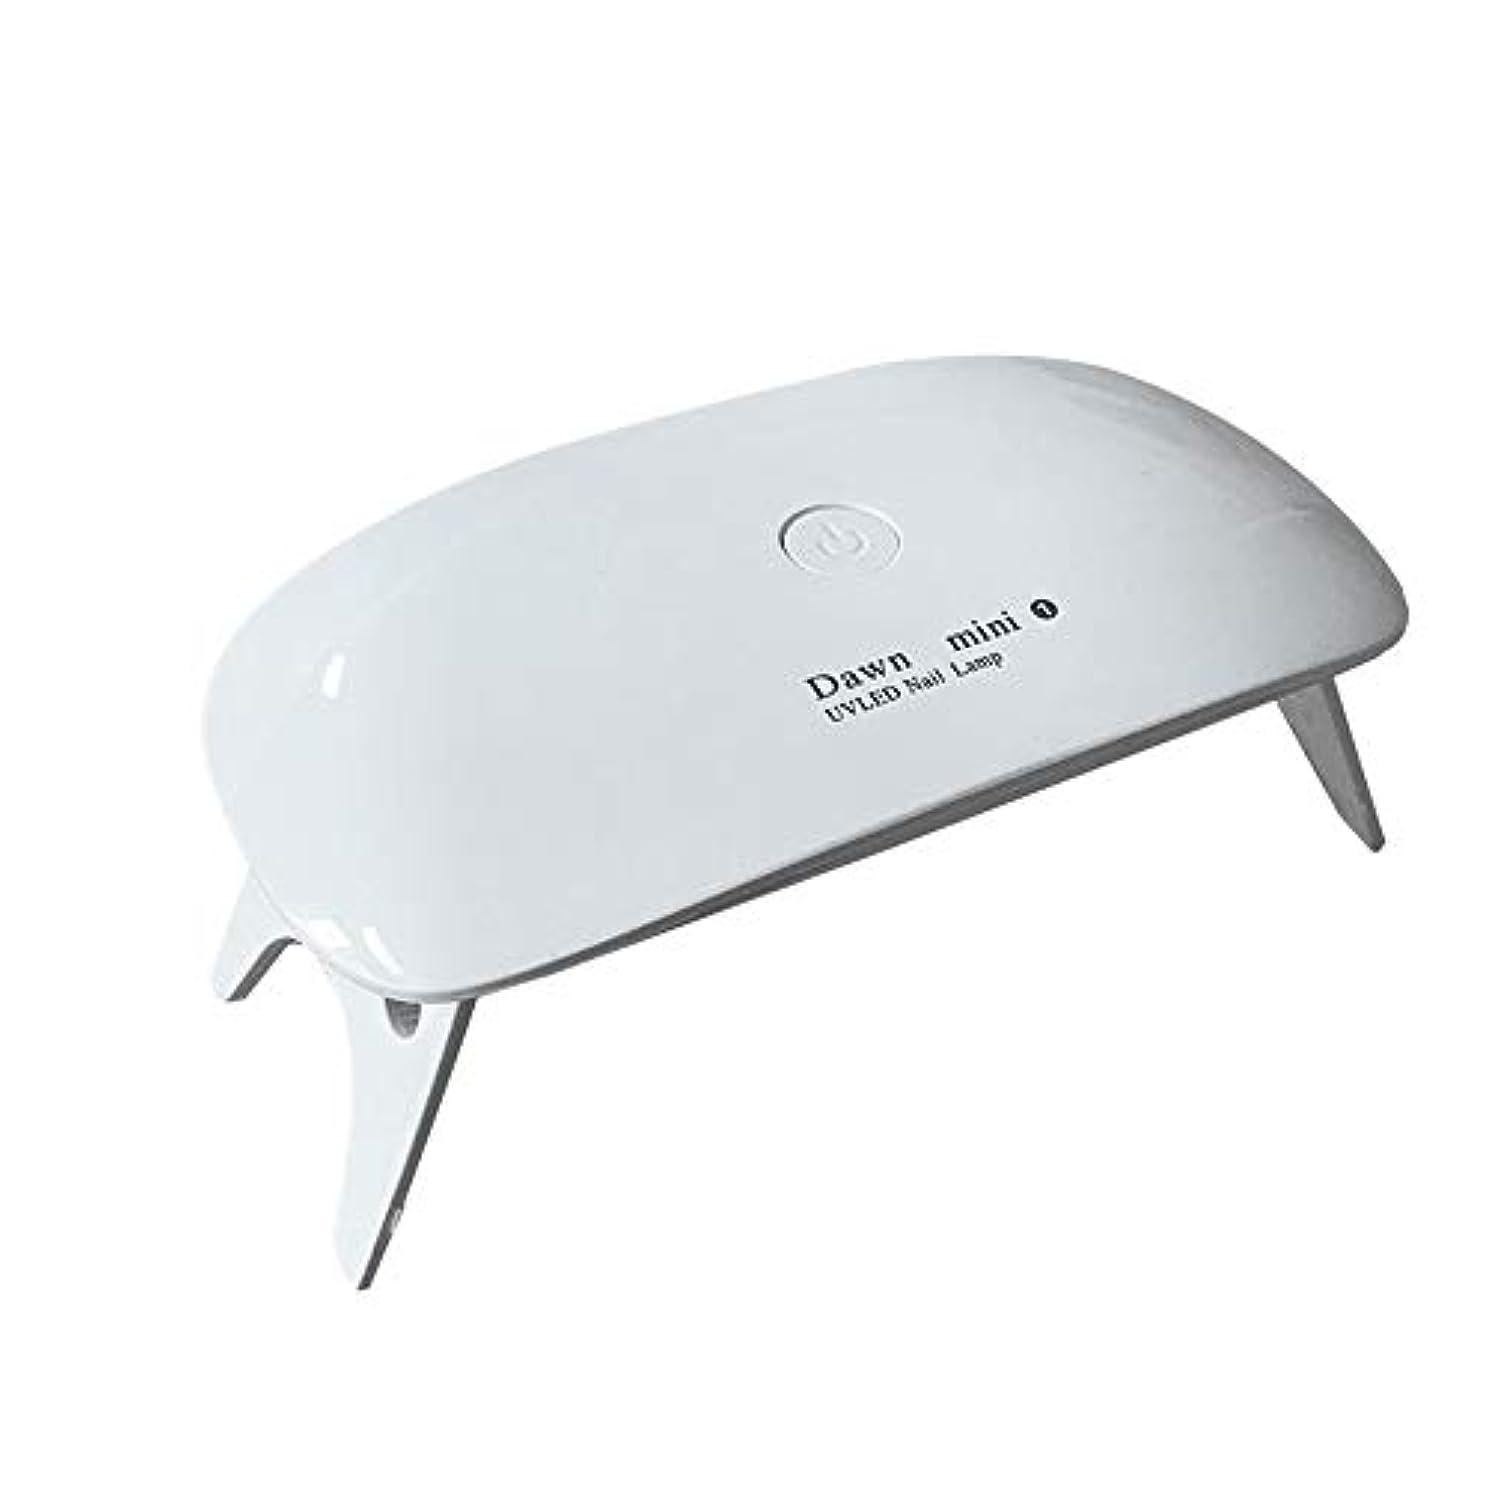 打ち負かす憲法広げるSunnFx UVライト LEDネイルドライヤー レジン用 硬化ライト タイマー設定可能 手足とも使える UV と LEDダブルライト ジェルネイル と レジンクラフト用 コンパクト 可愛い 折りたたみ式 携帯型 (ホワイト)